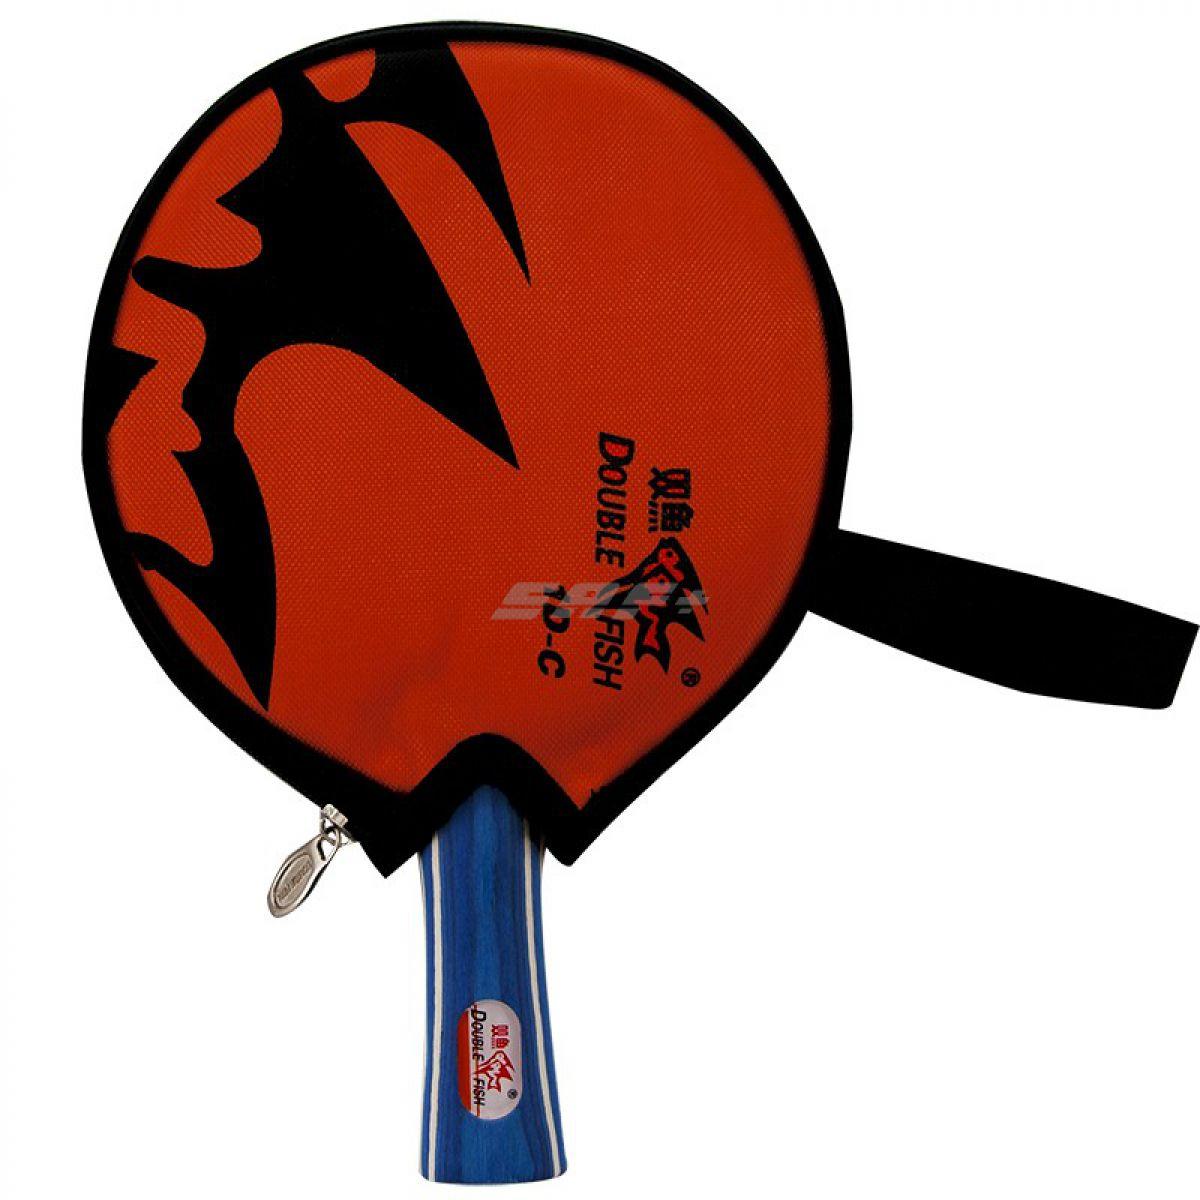 Ракетка для настольного тенниса DOUDLE FISH 1